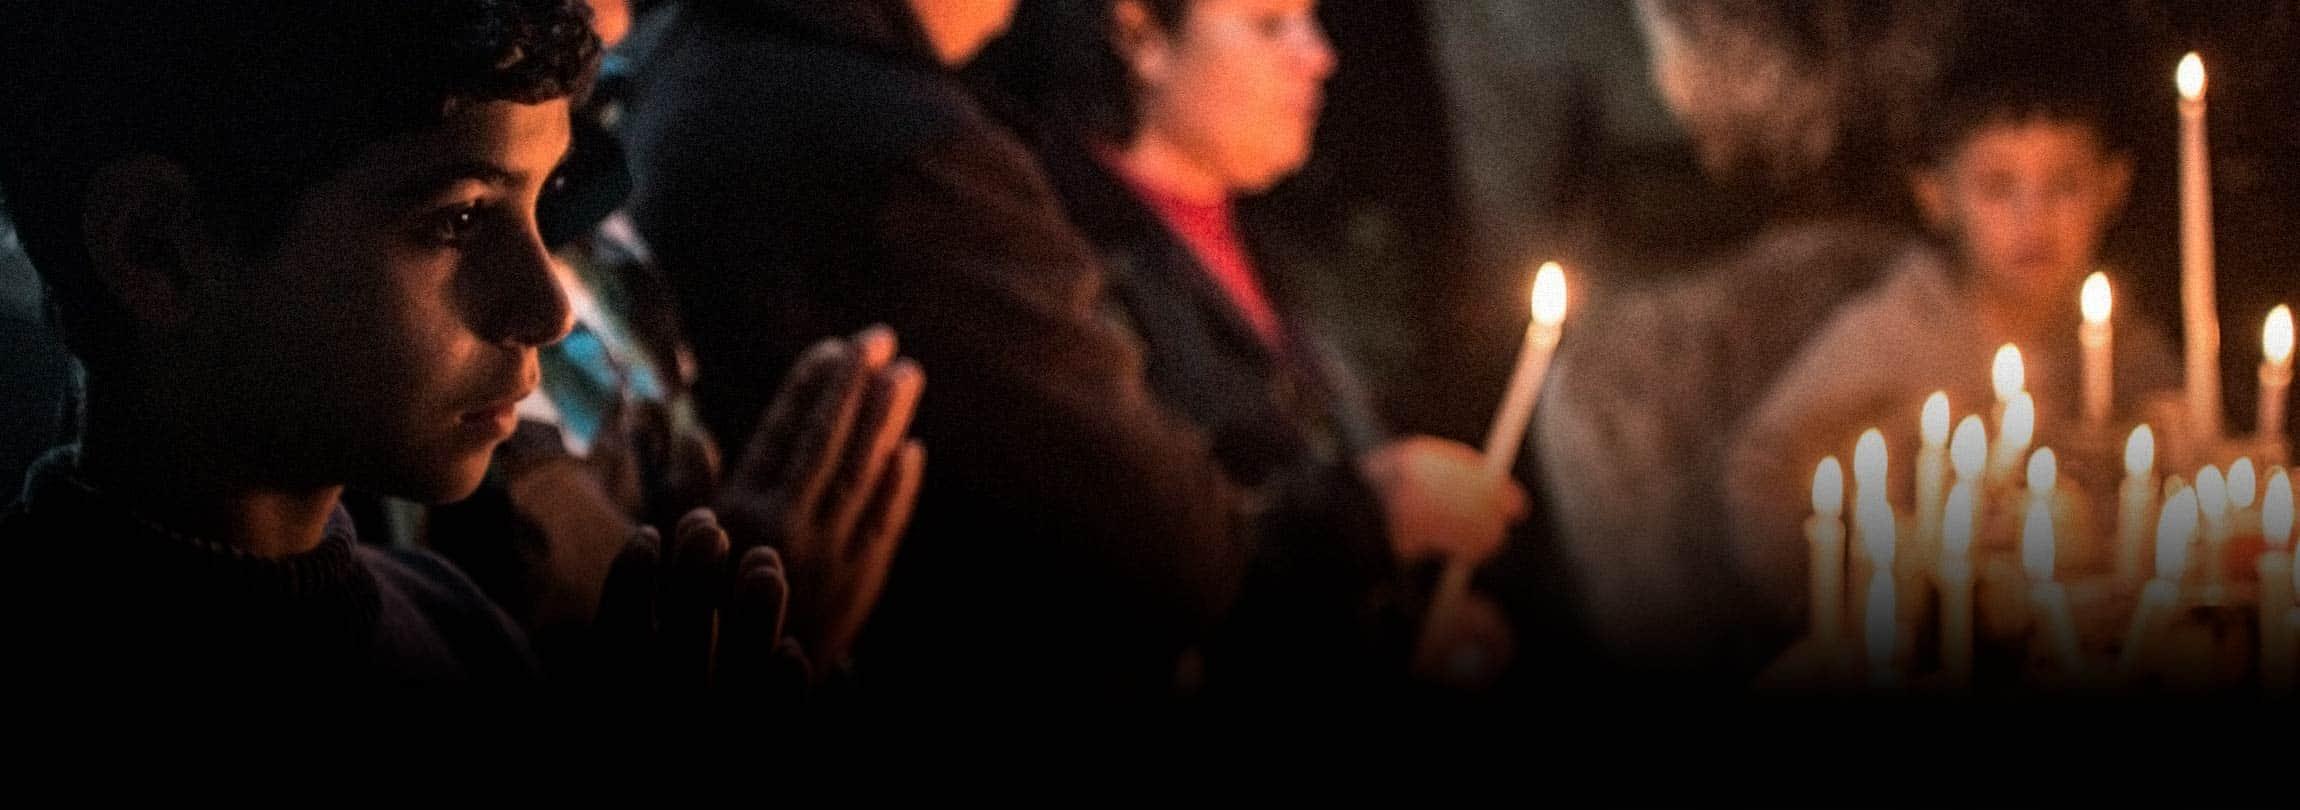 Guerra civil agrava situação de cristãos na Síria